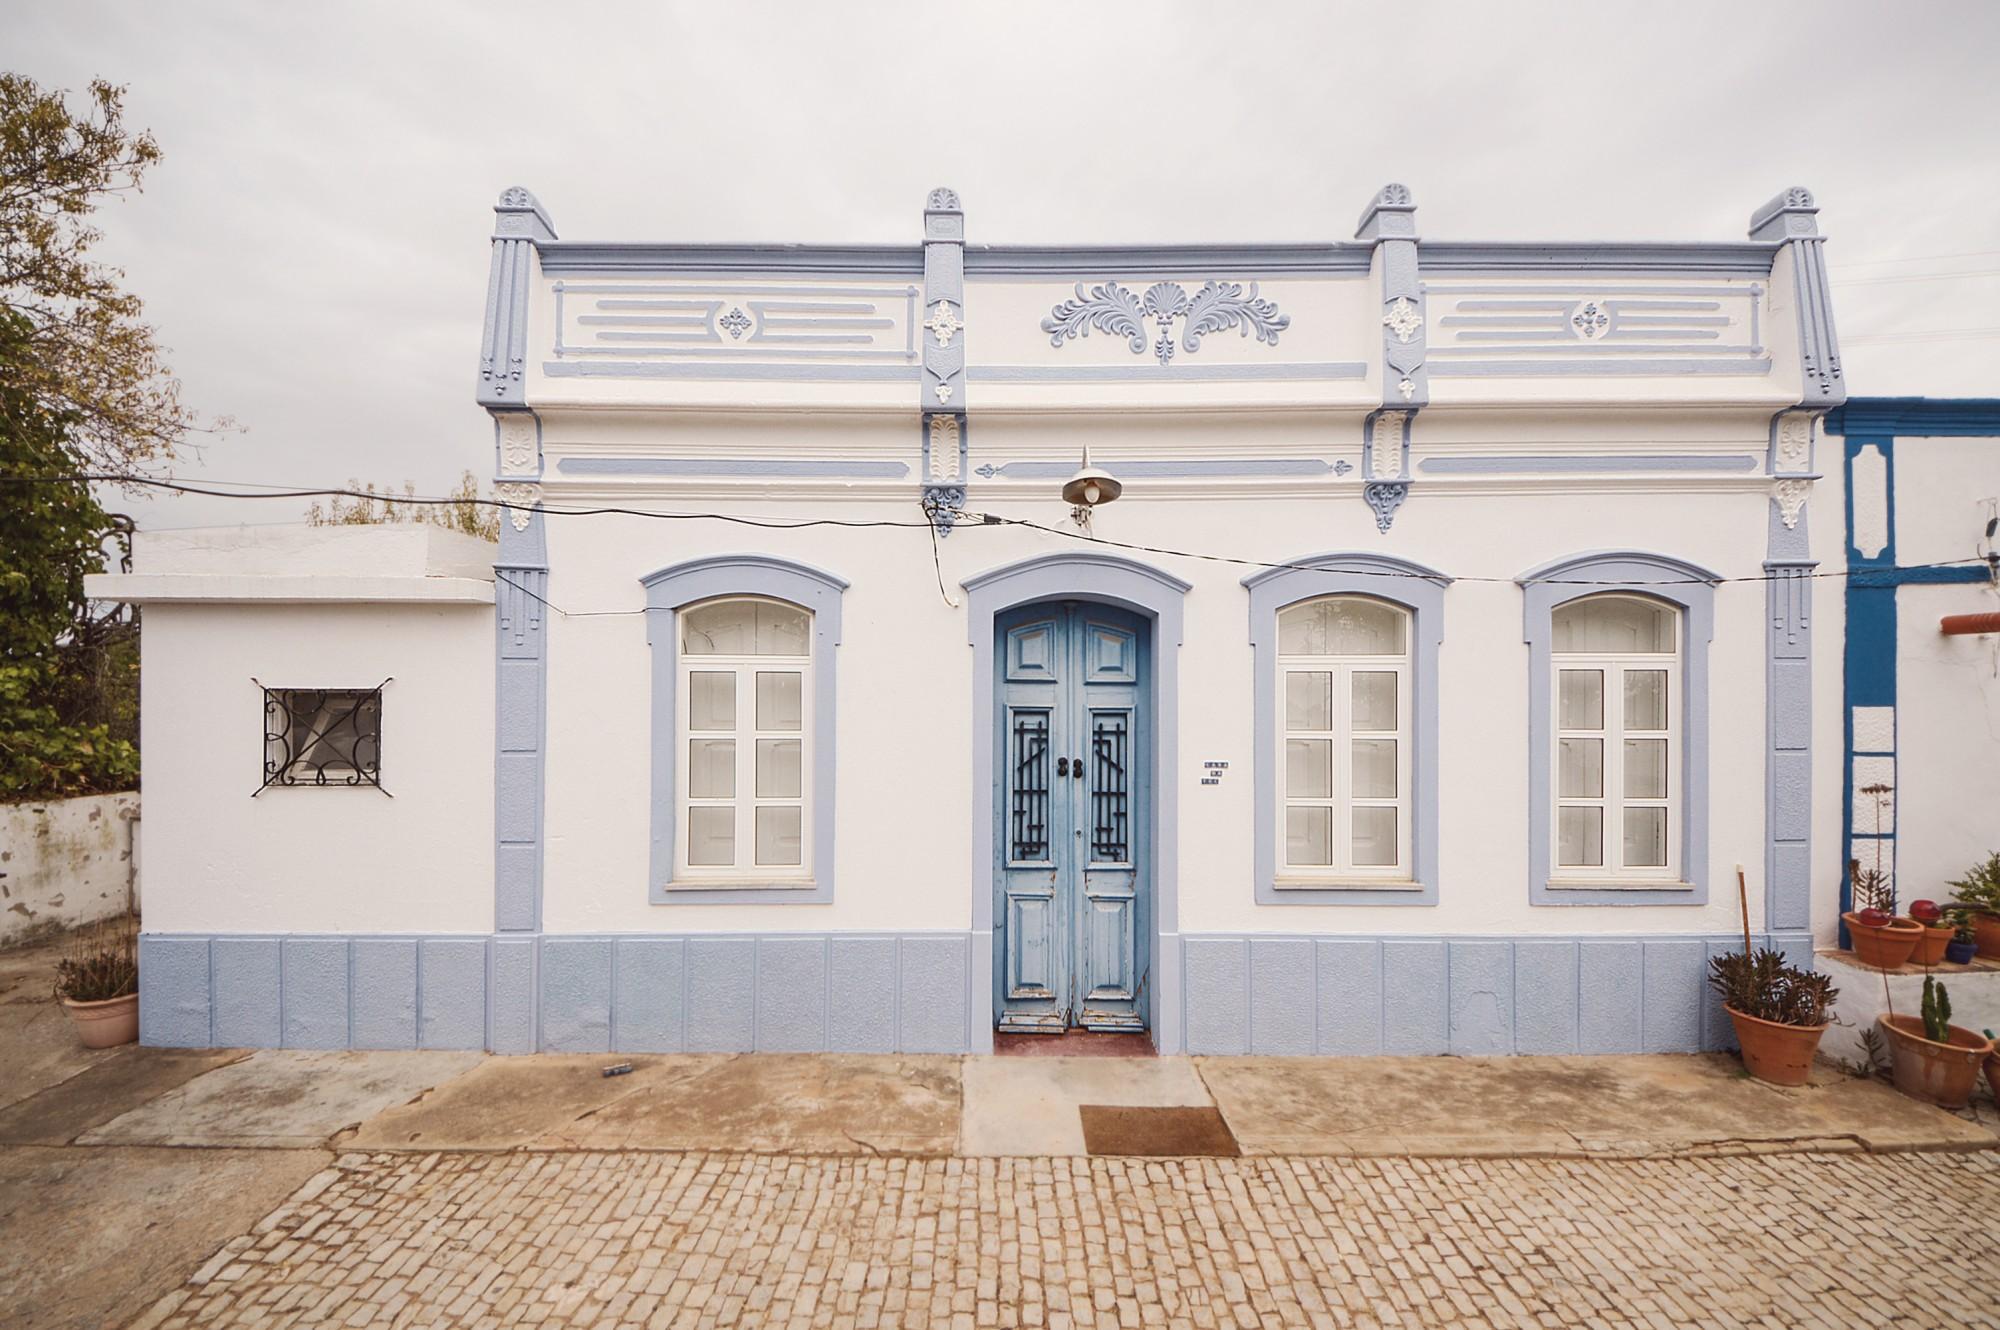 Edifício original / Original building.